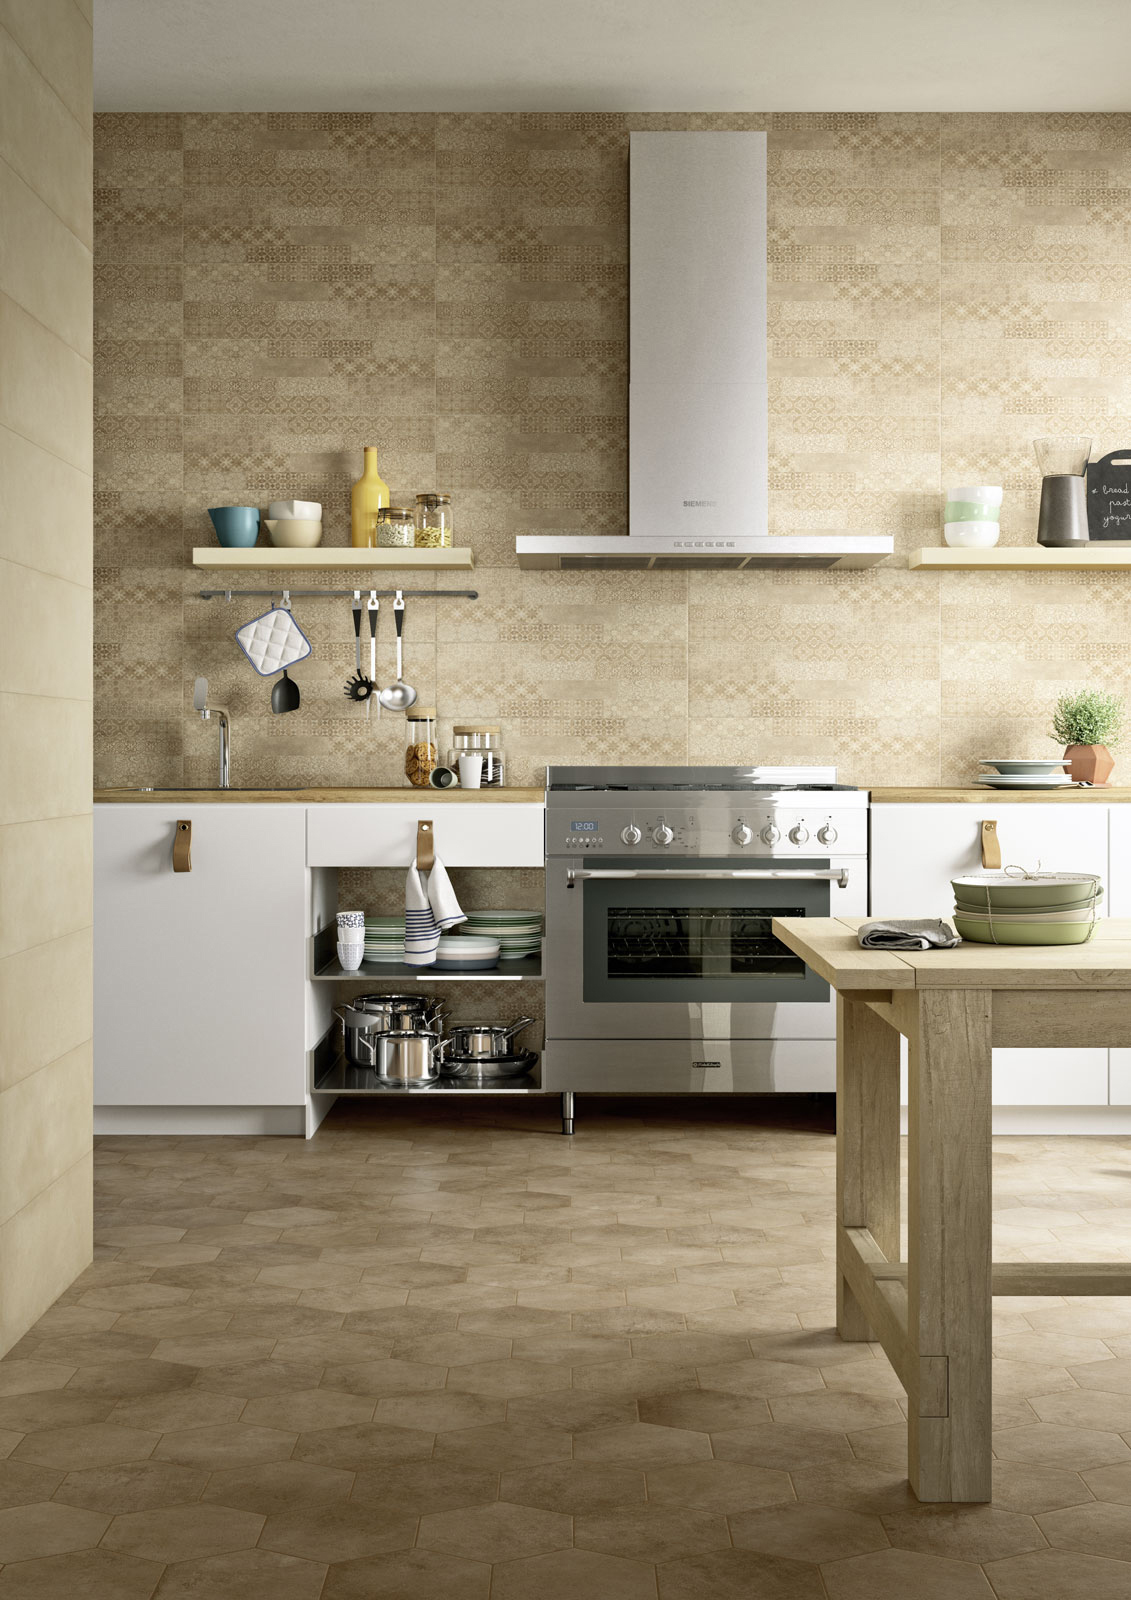 Piastrelle cucina idee in ceramica e gres marazzi - Mosaico rivestimento cucina ...